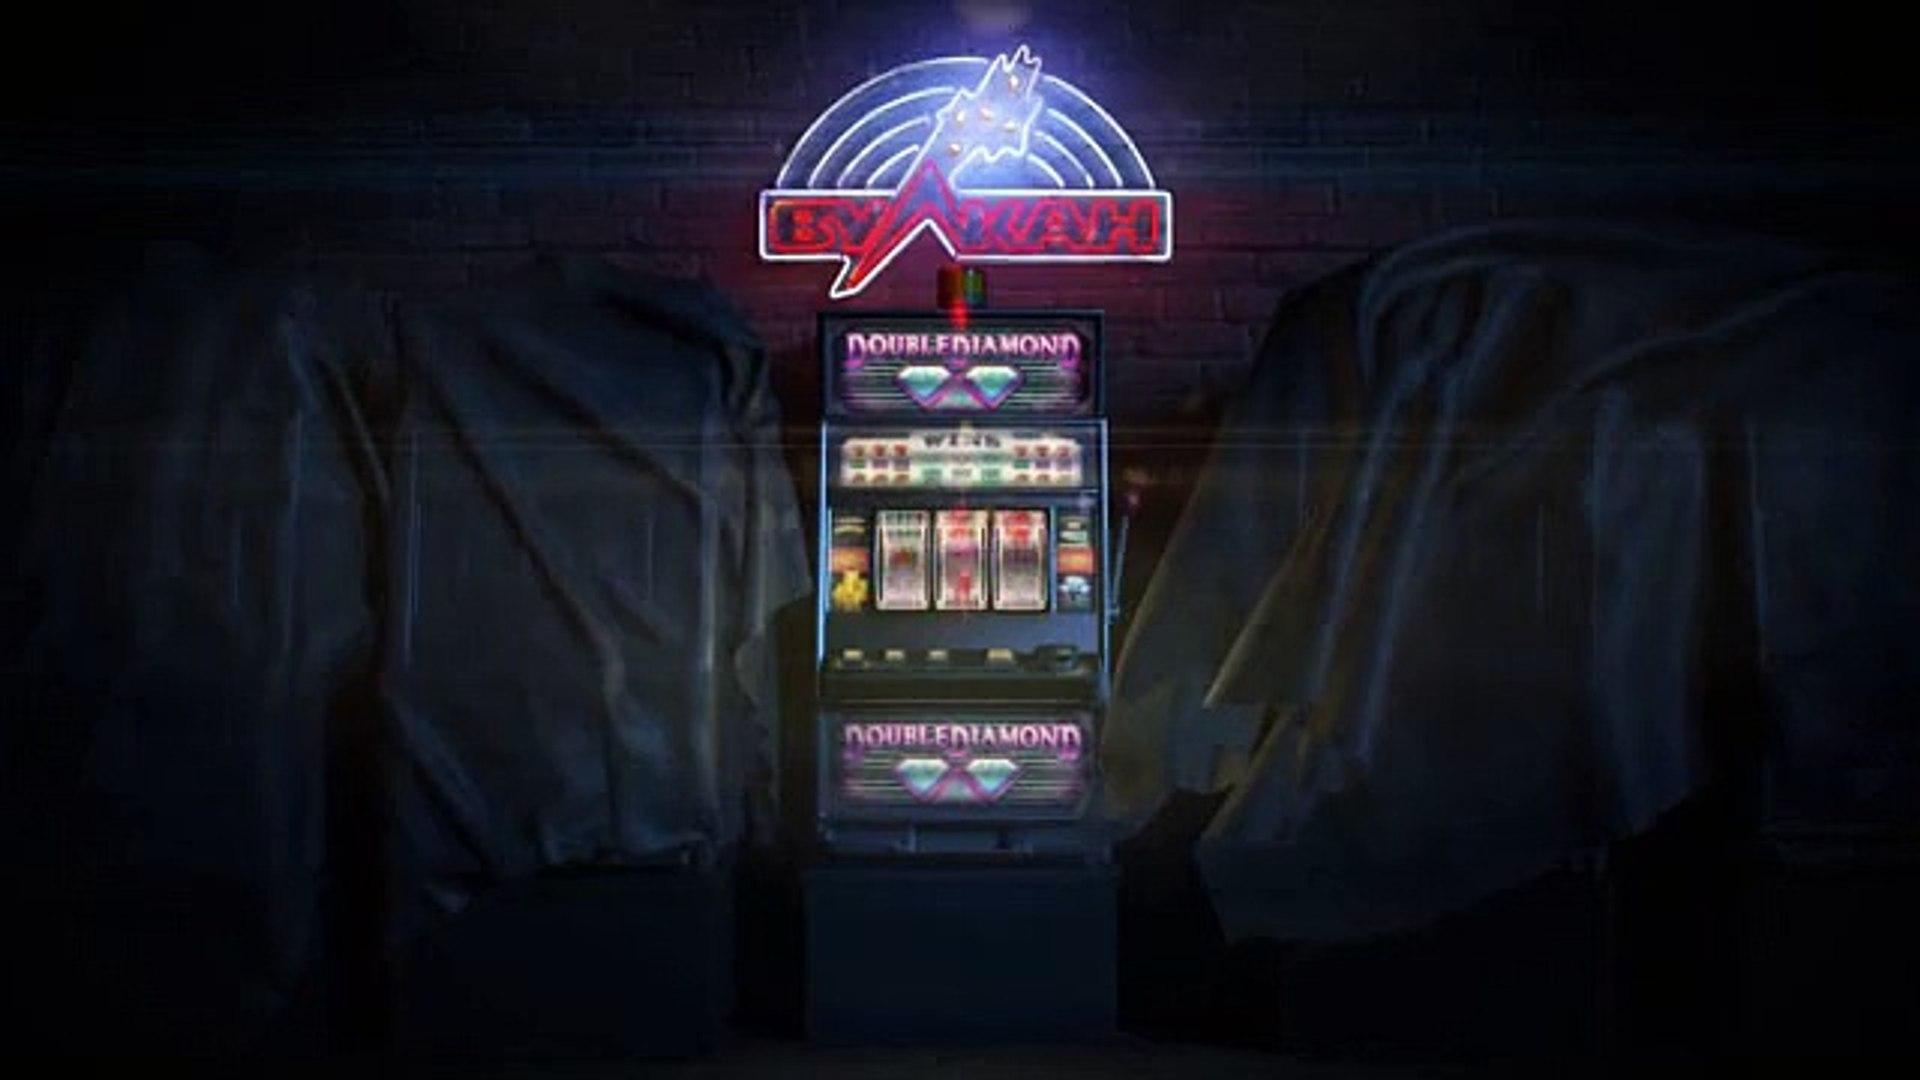 Орша казино игровые автоматы фильм подпольное казино с ниловым